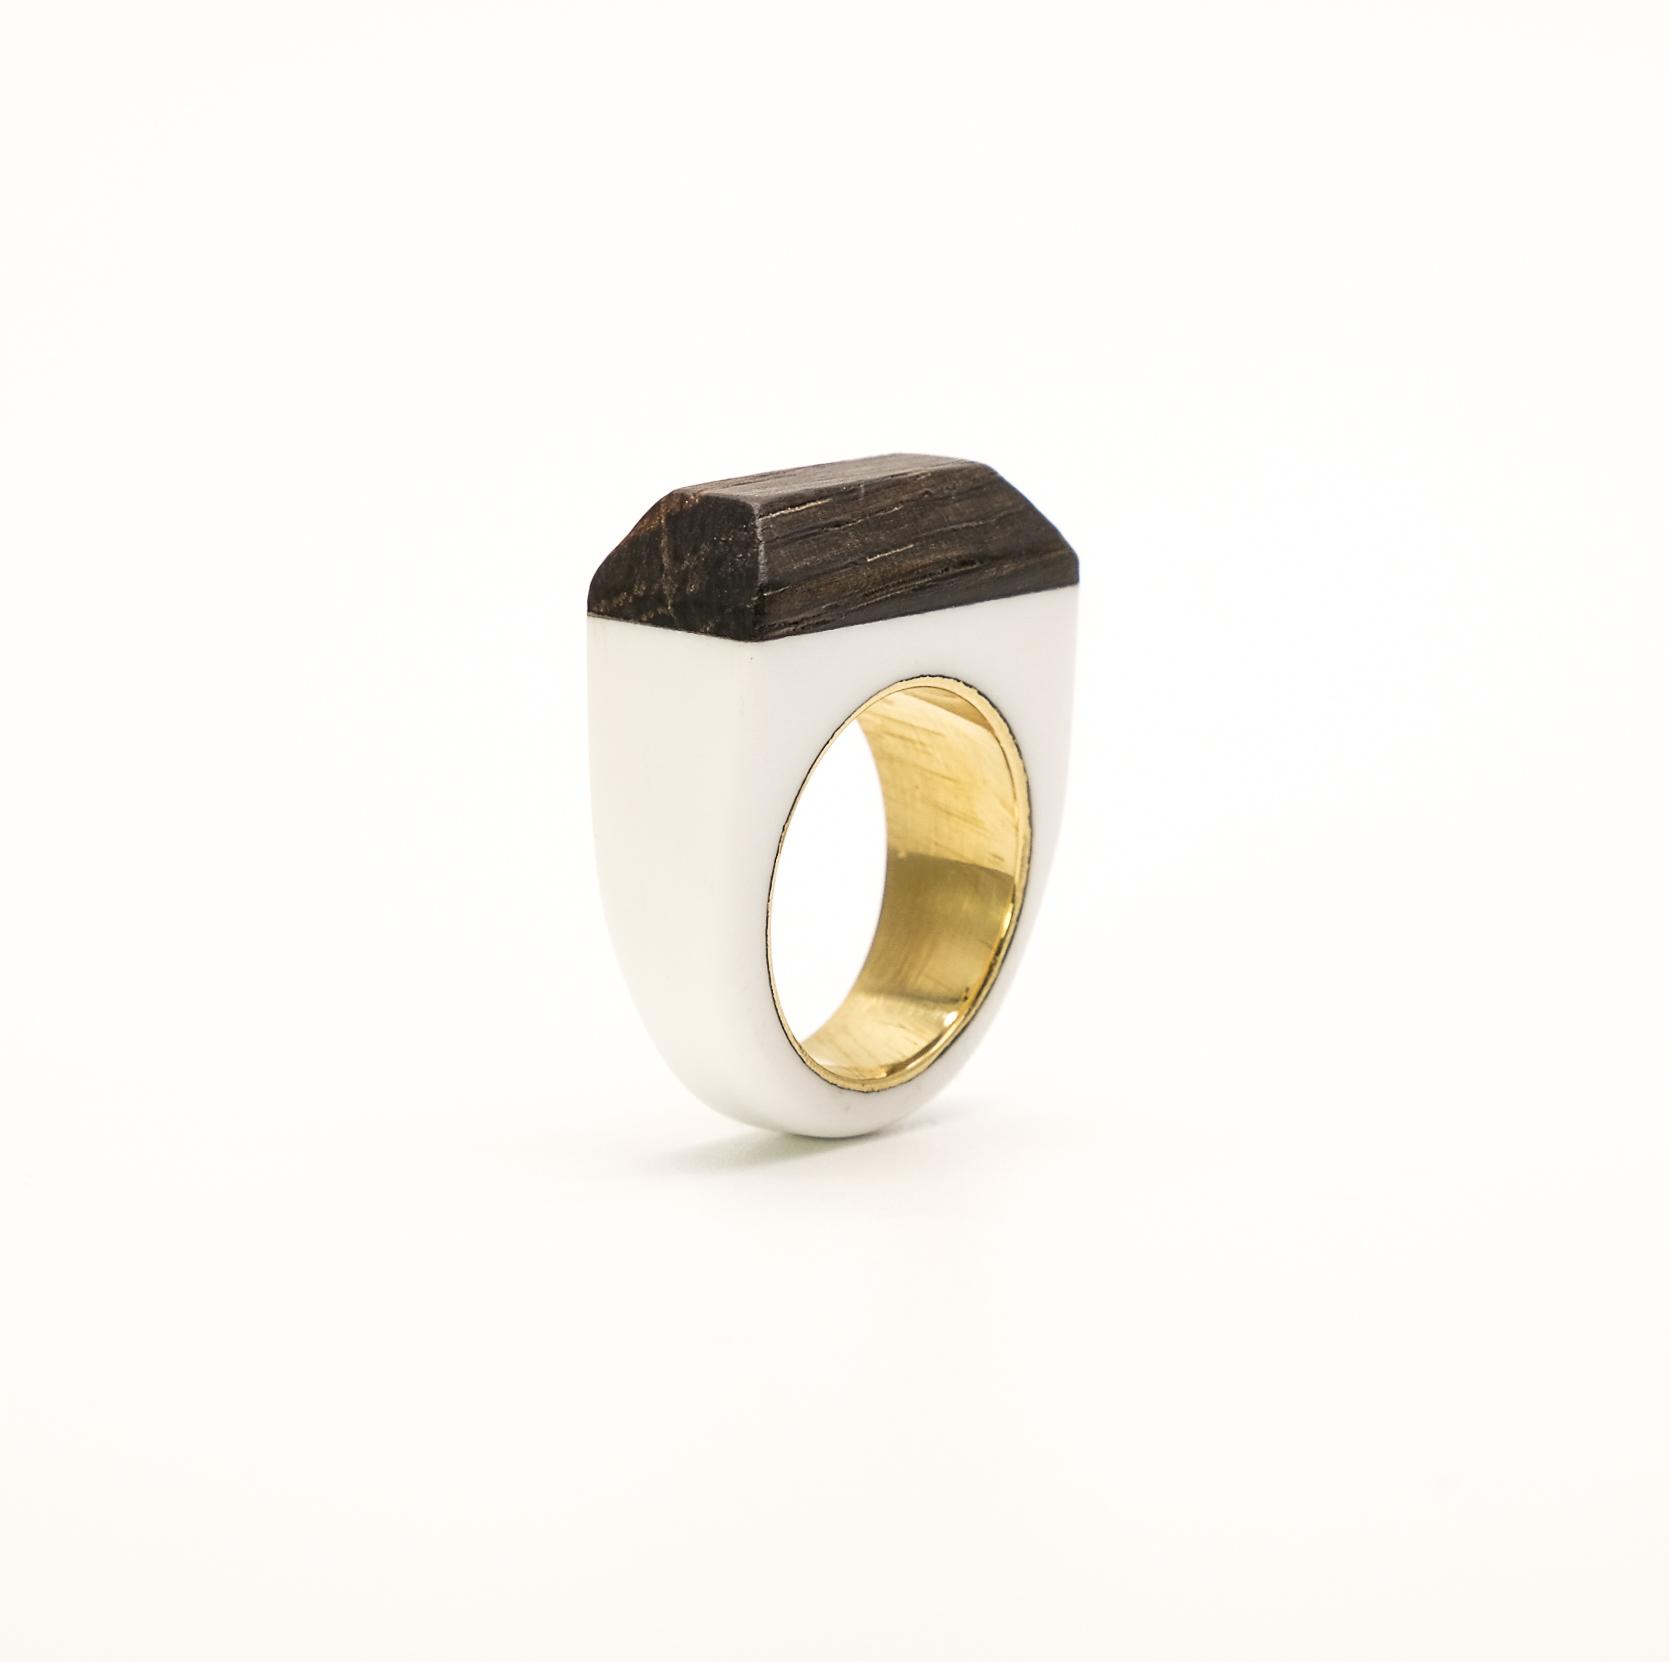 Simone Frabboni woodresin ring